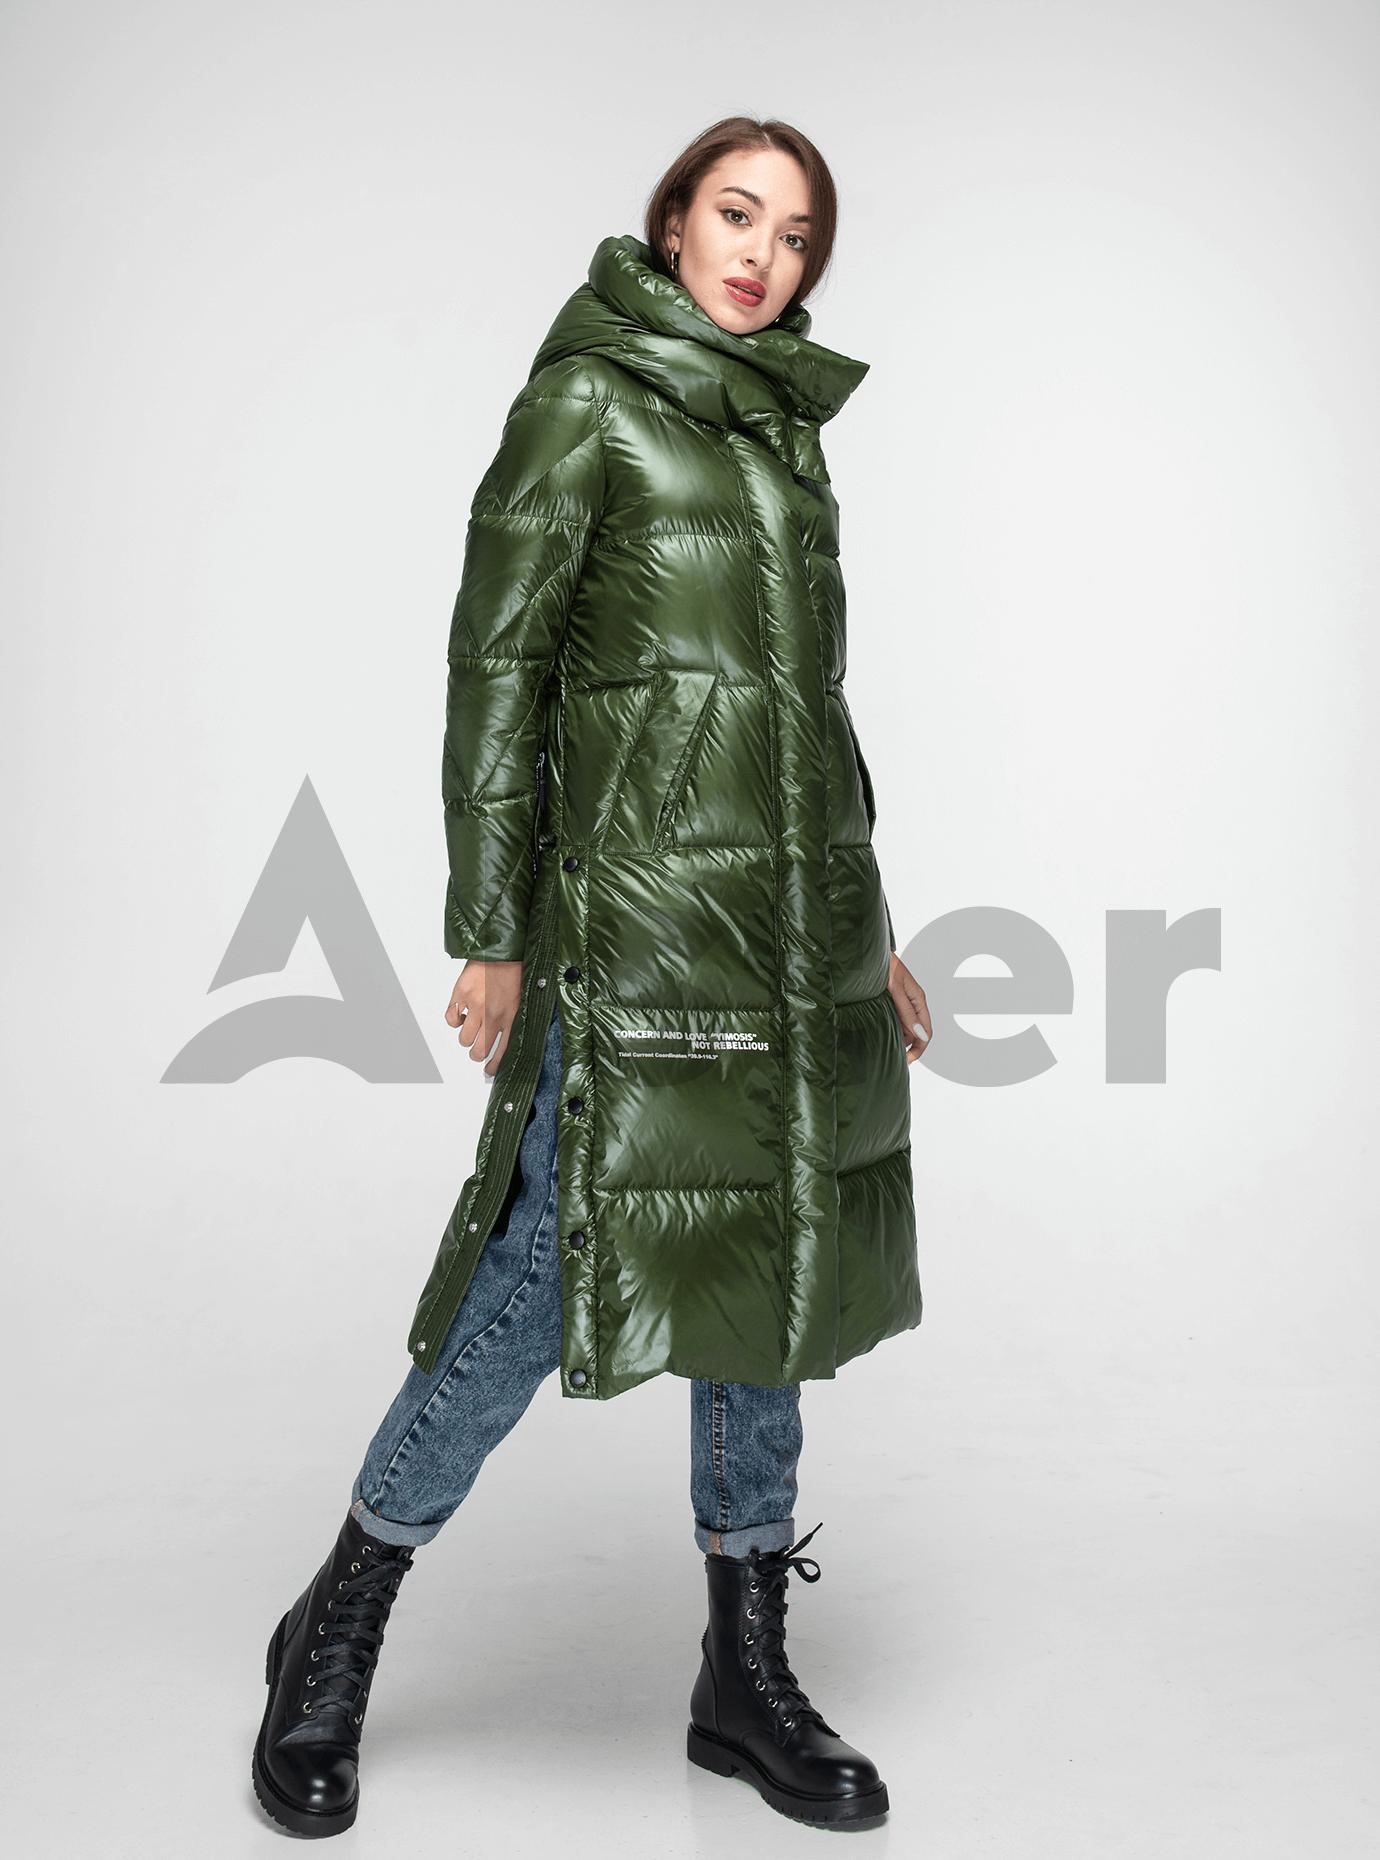 Пуховик женский длинный с разрезами Зелёный M (02-Y191127): фото - Alster.ua